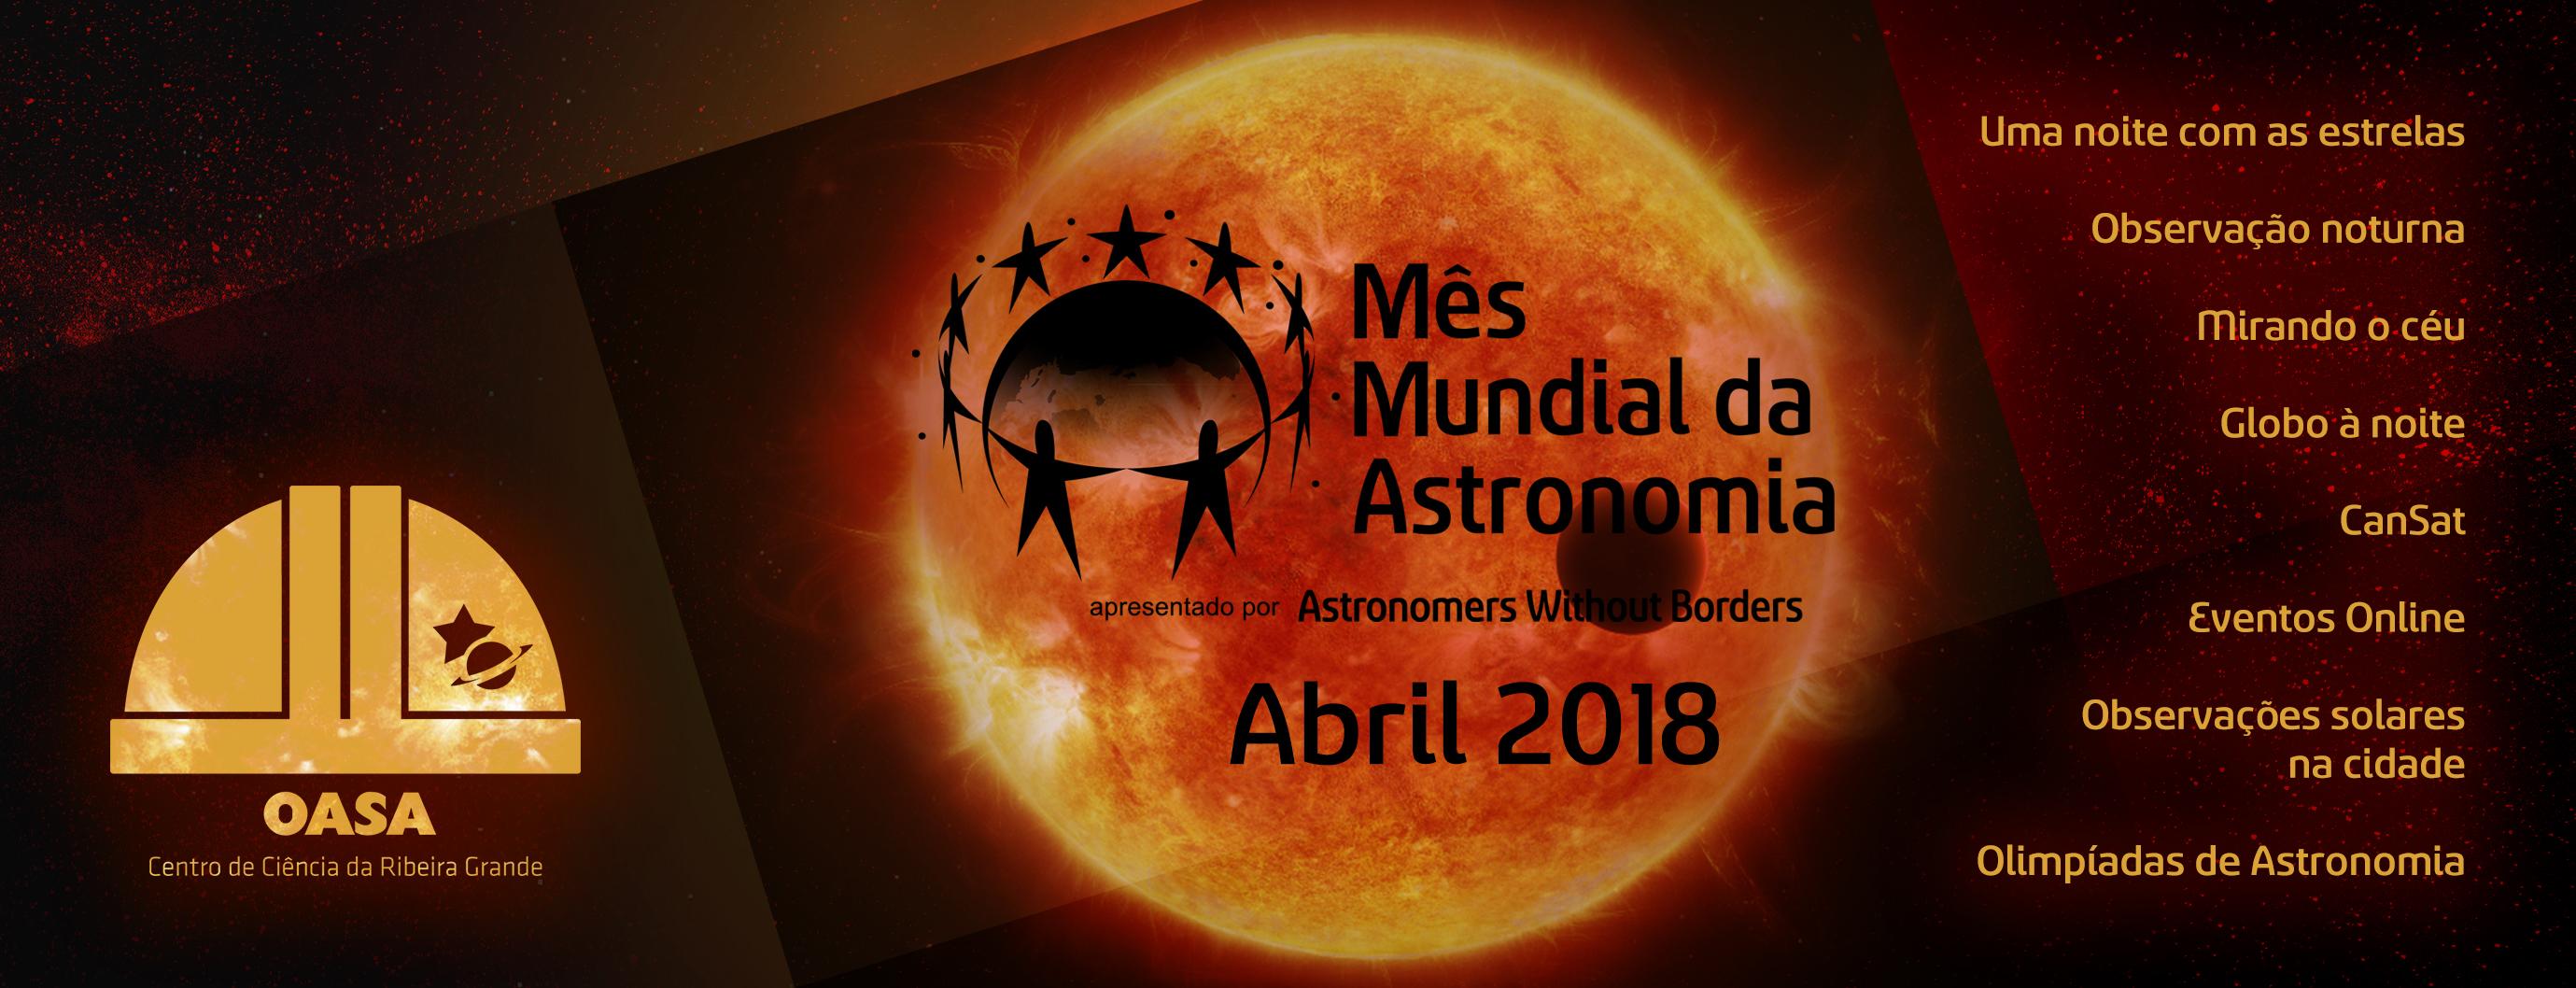 Mês Mundial da Astronomia 2018 | Observatório Astronómico de Santana - Açores